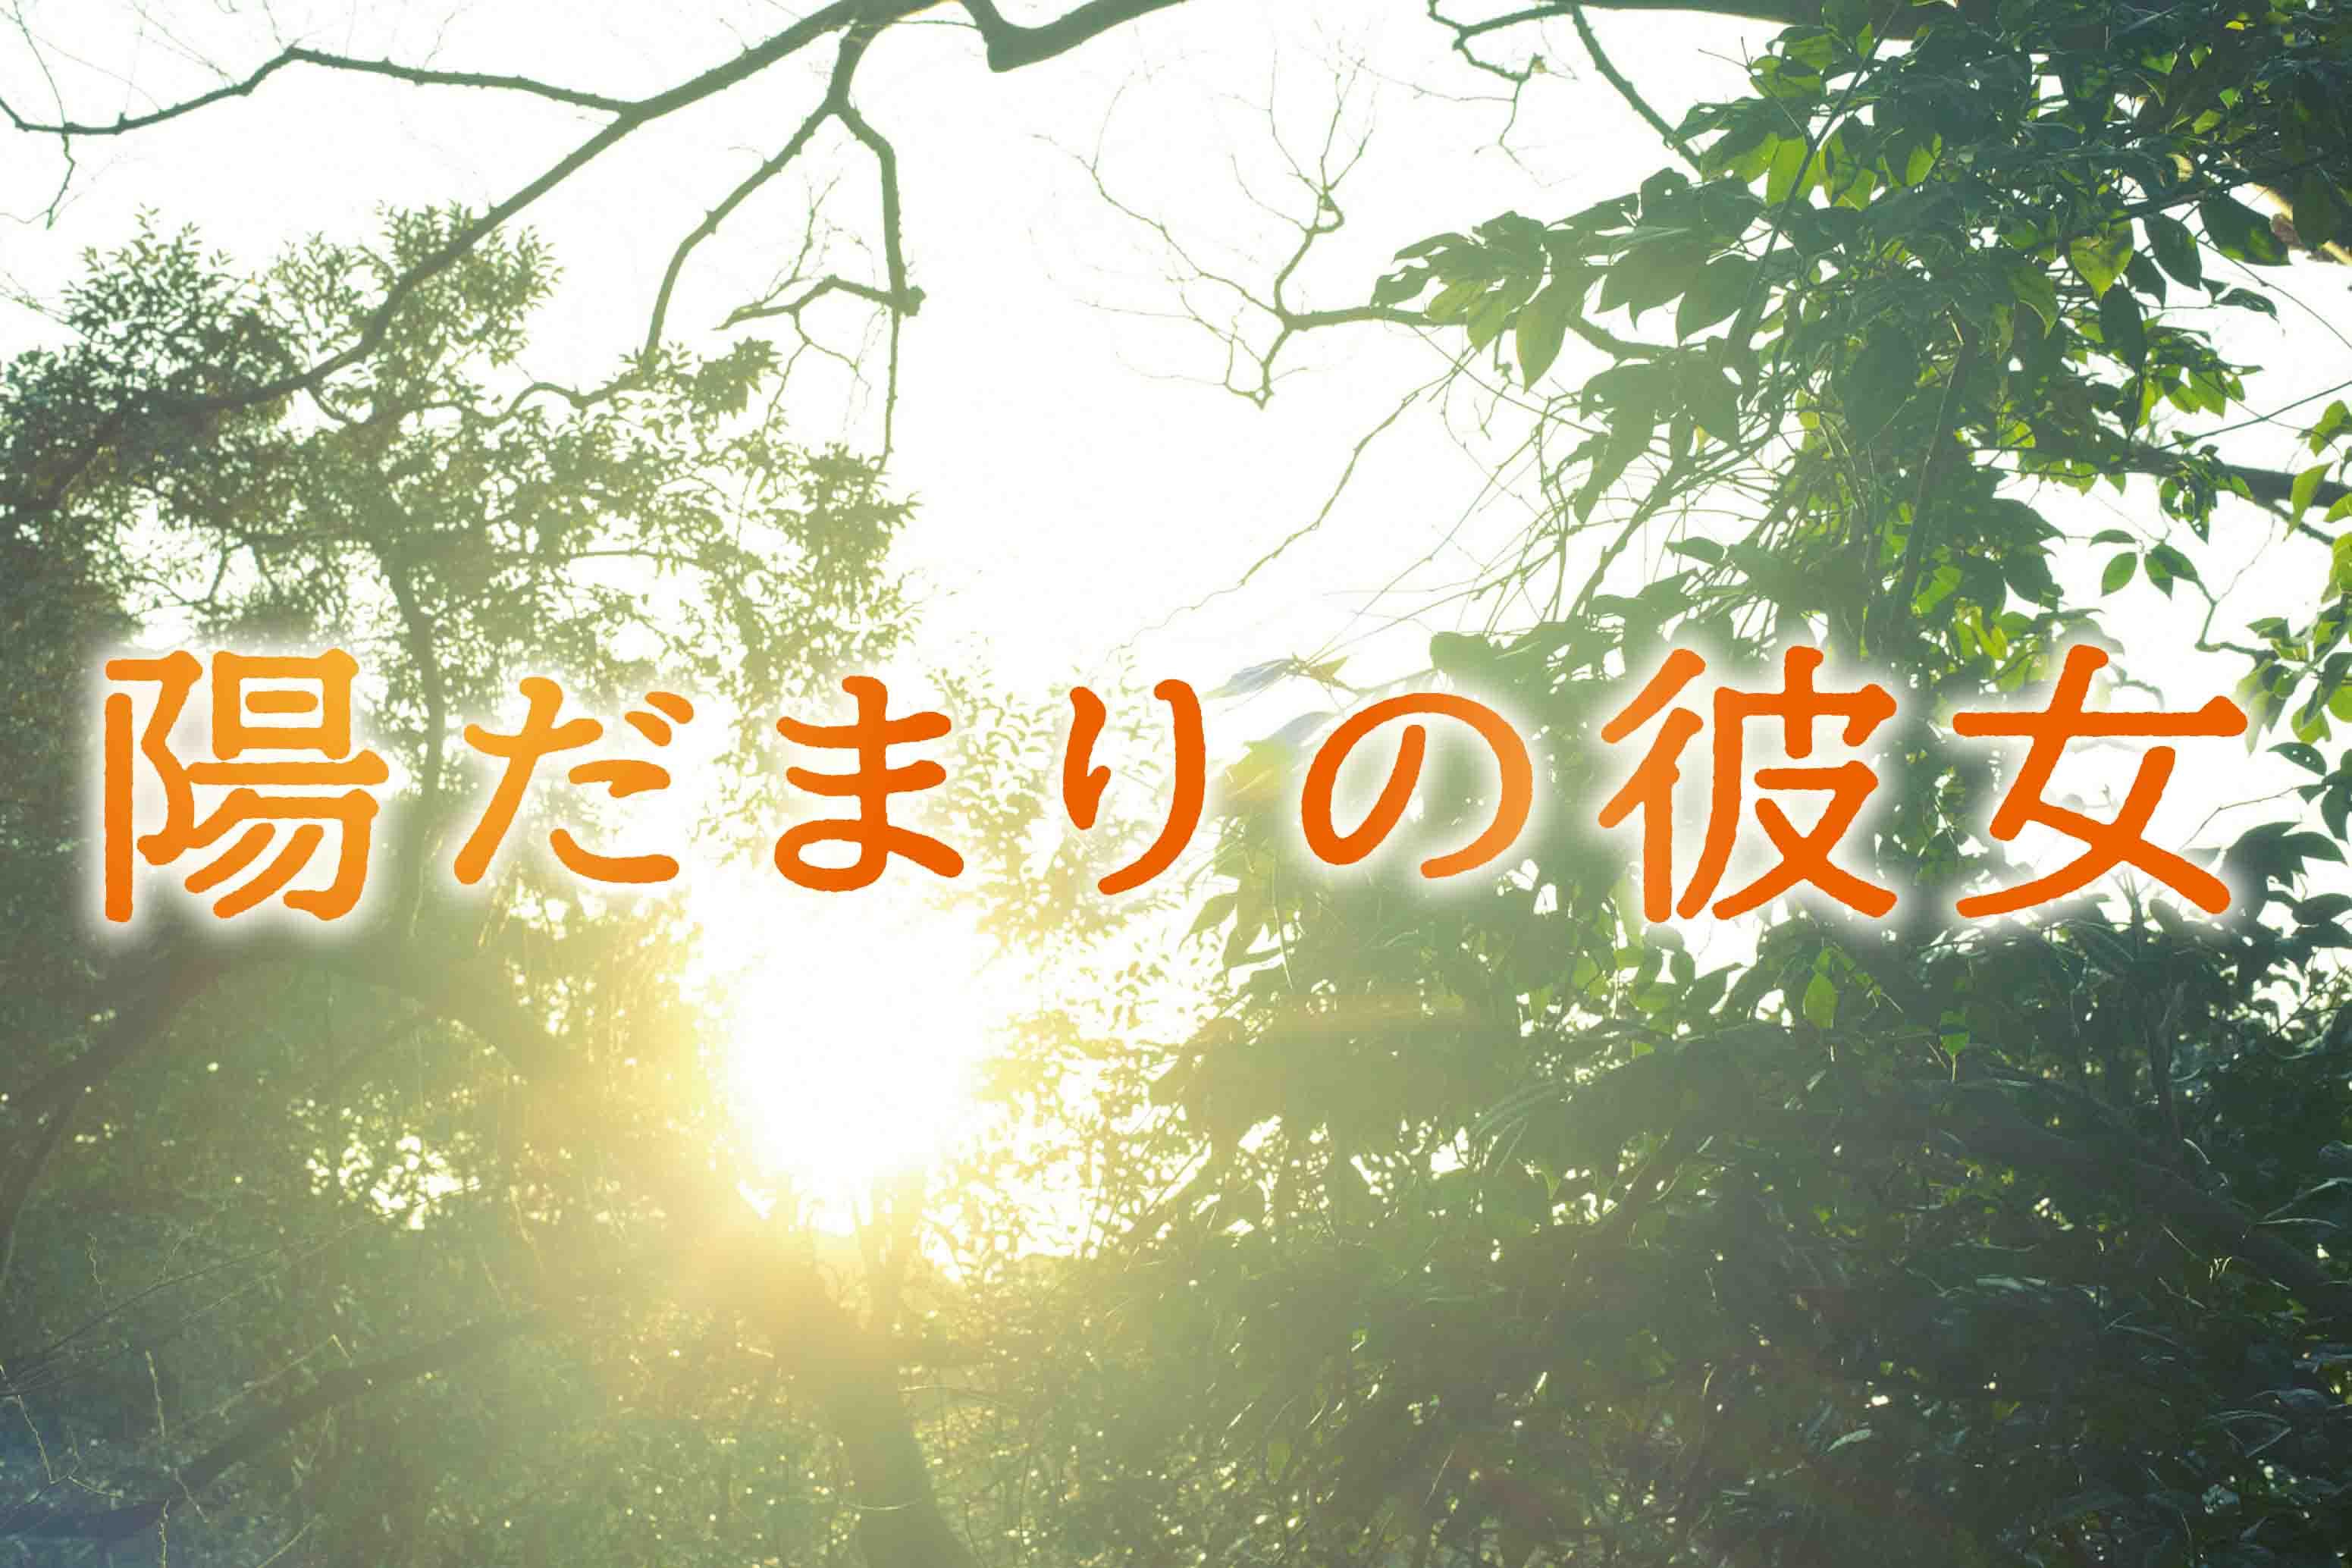 『陽だまりの彼女』特典つき前売券を8/3(土)より発売します。